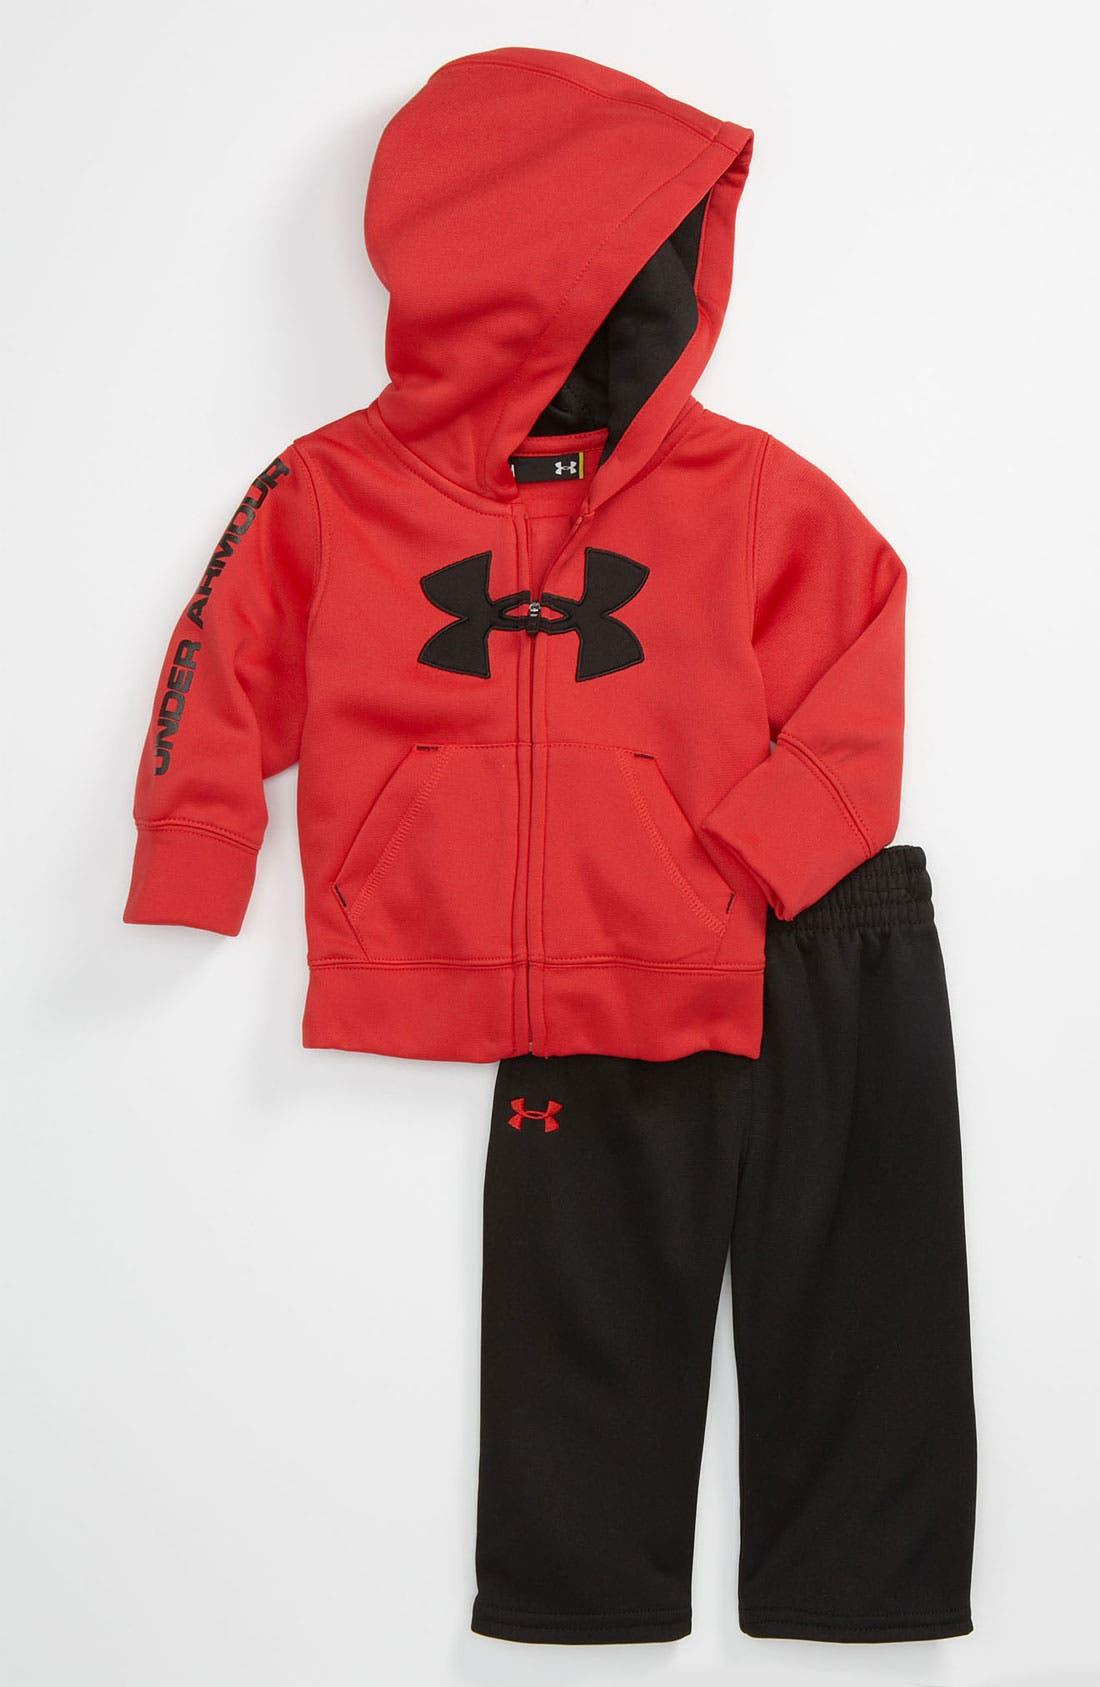 Alternate Image 1 Selected - Under Armour Zip Hoodie & Pants (Infant)